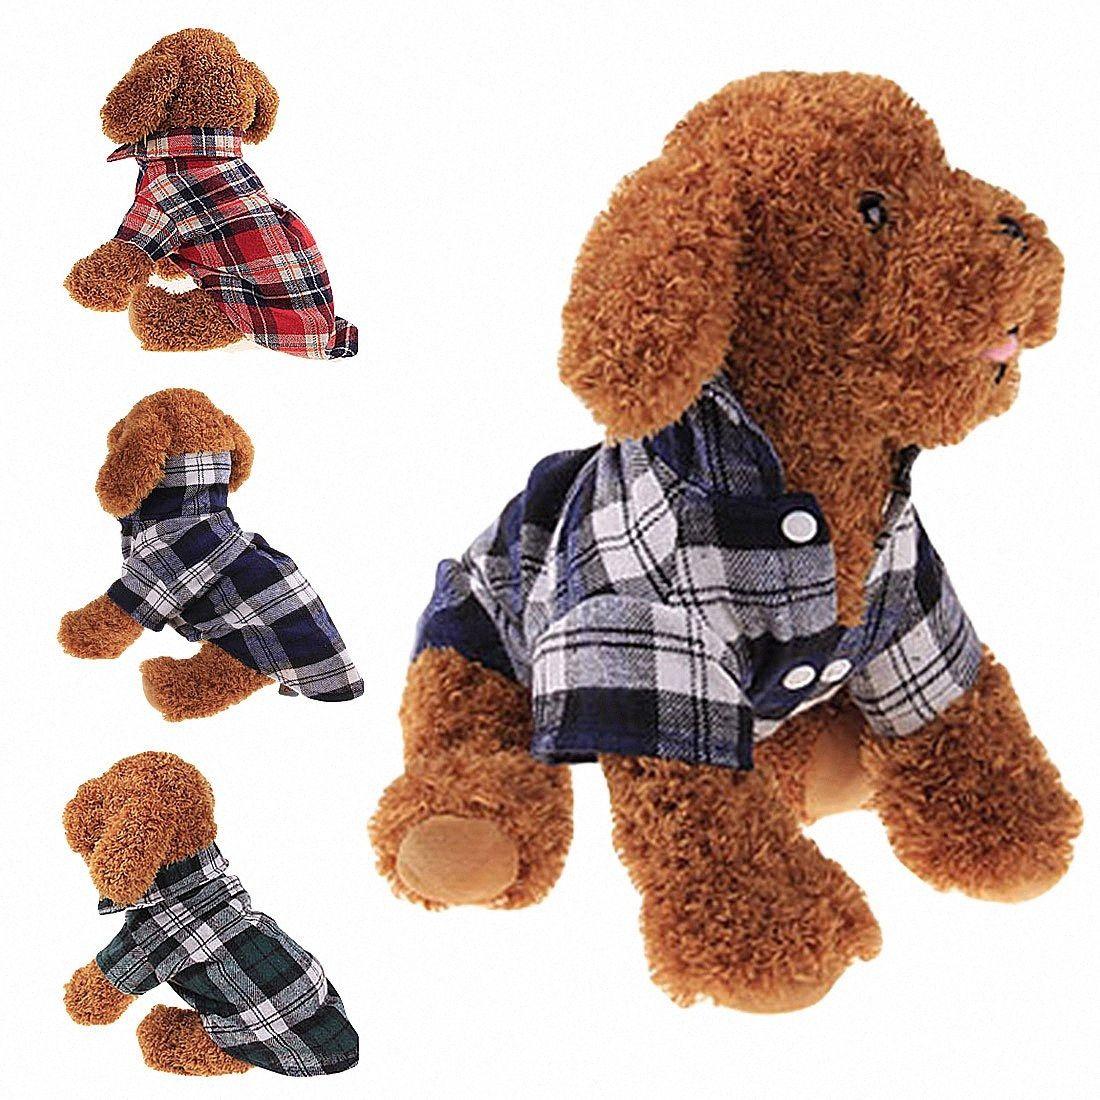 Tela escocesa de la raya t-shirt Camisa del perro del perrito del animal doméstico chalecos de algodón rejilla del gato trajes de ropa del verano del perro de la chaqueta abrigos para perros Camisa C4Ec #